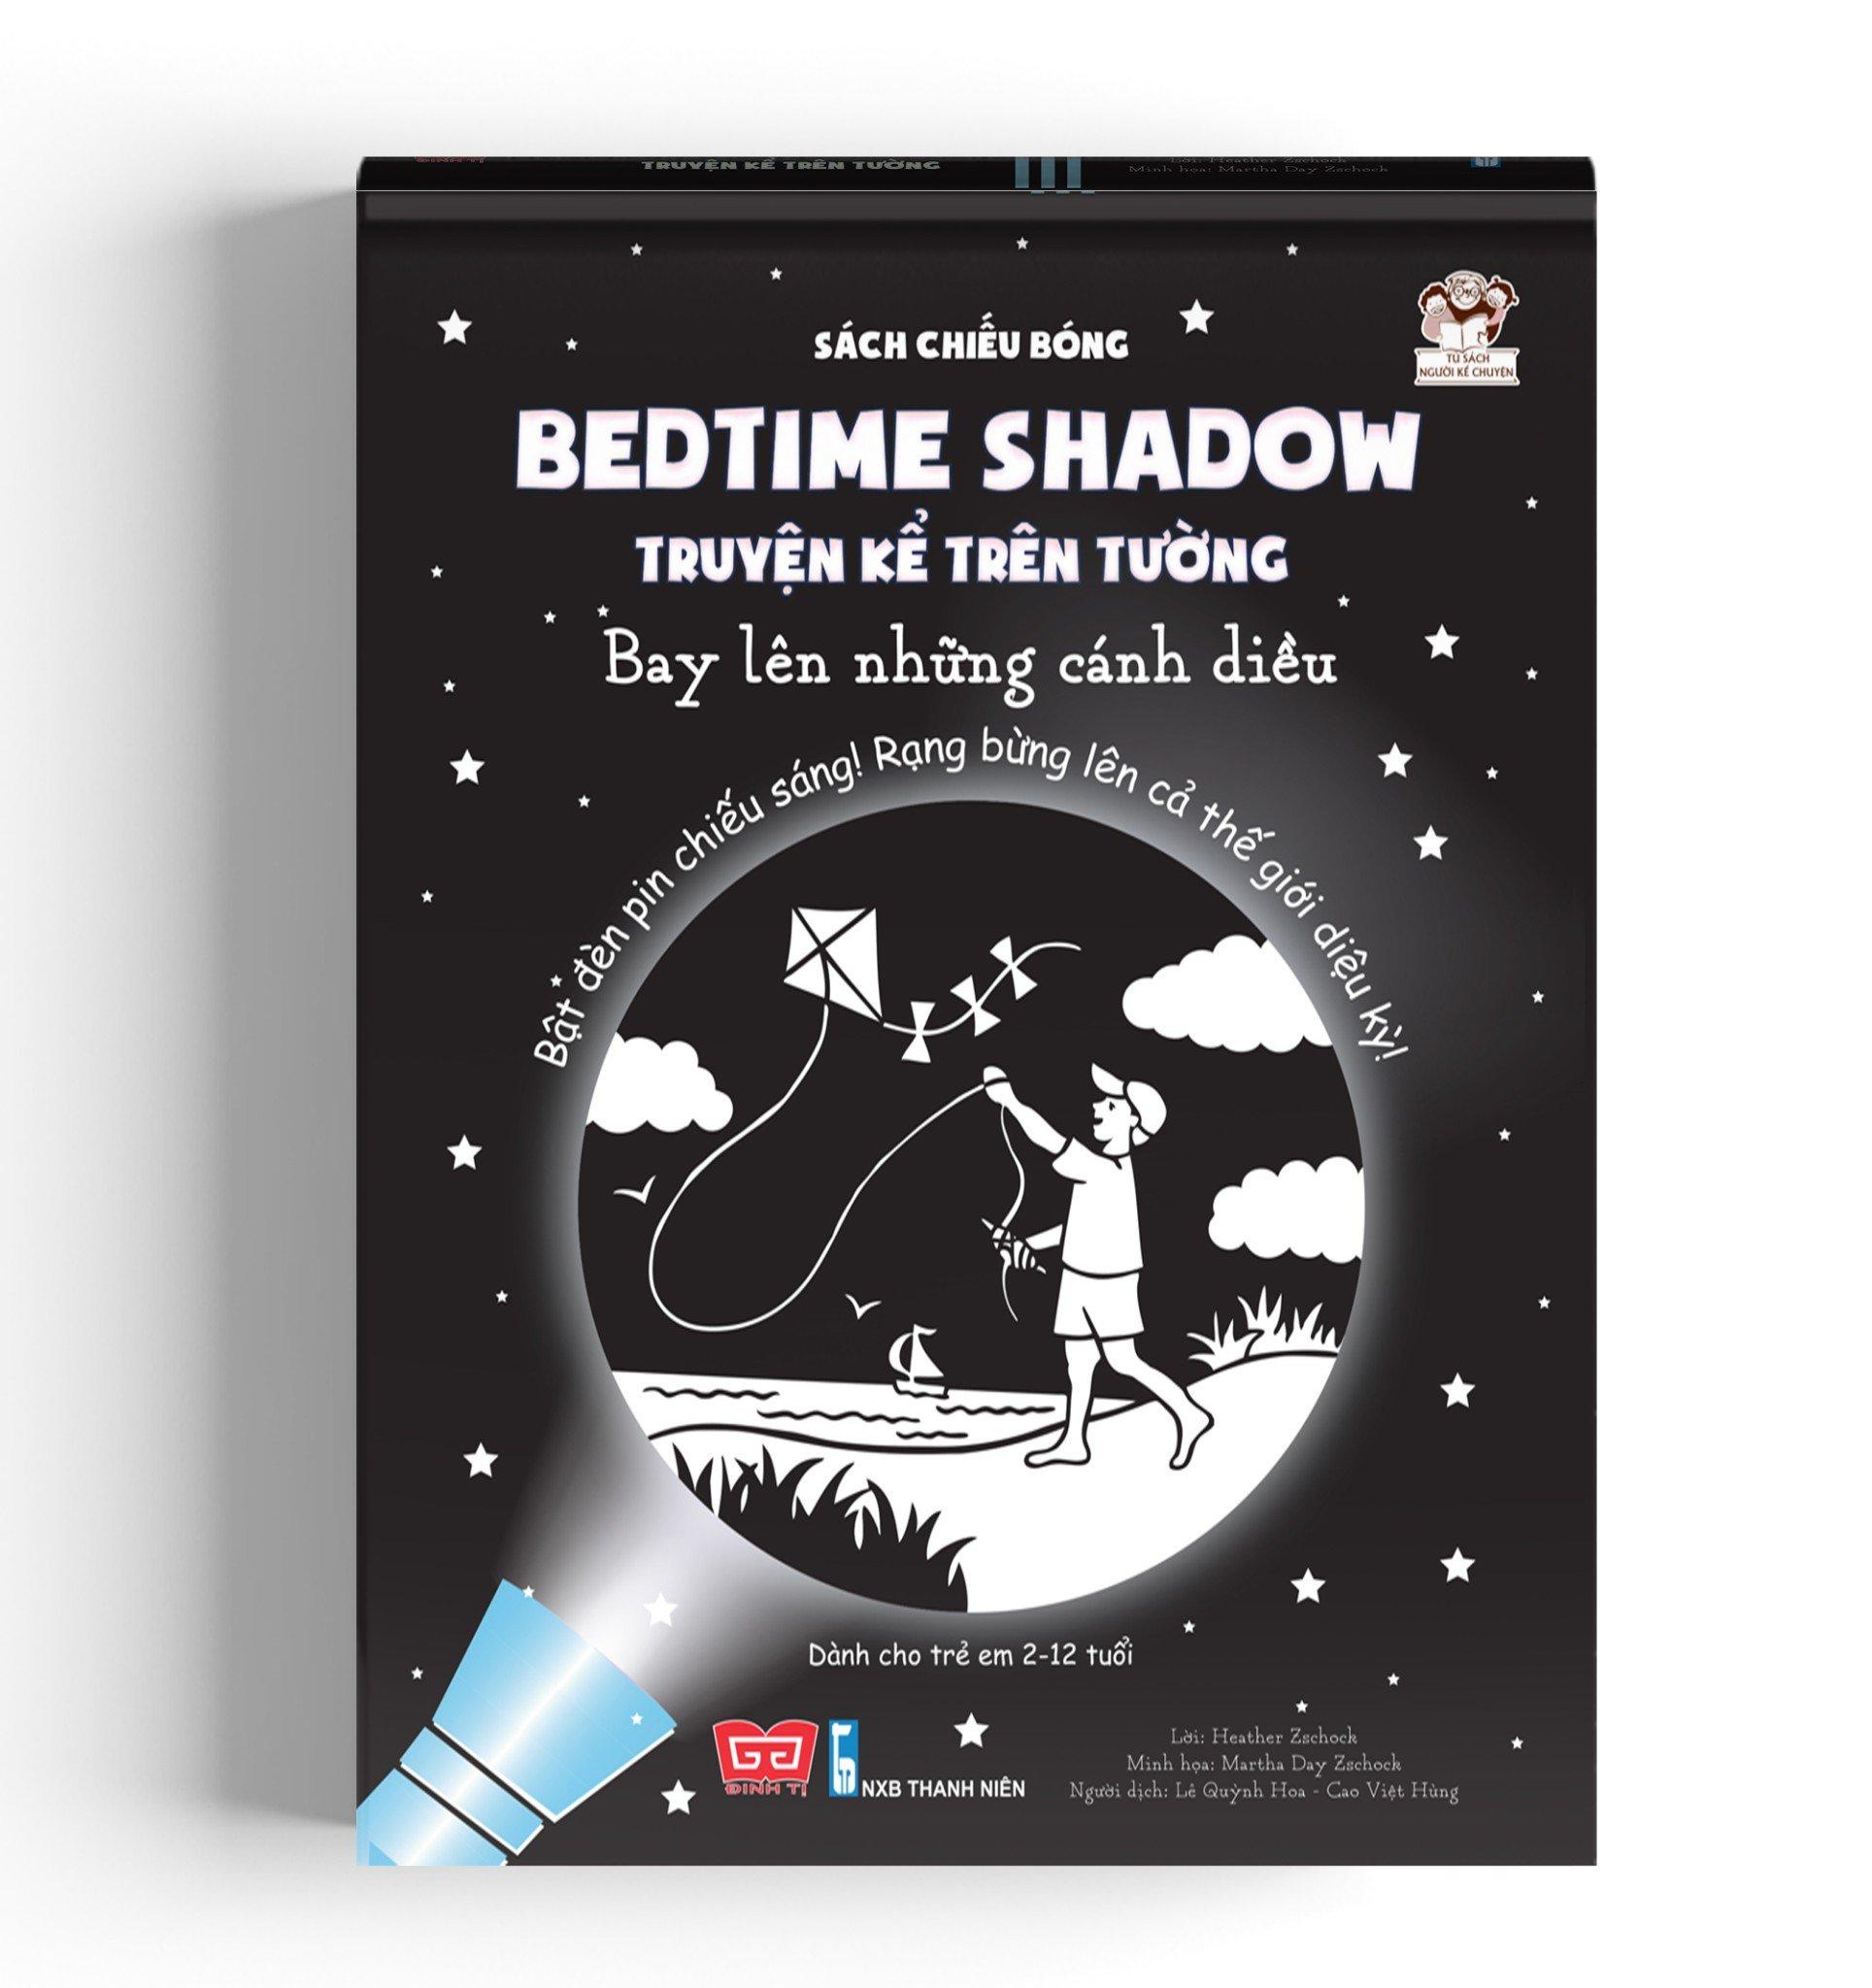 Sách chiếu bóng - Bedtime shadow – Truyện kể trên tường - Bay lên những cánh diều! (TB)